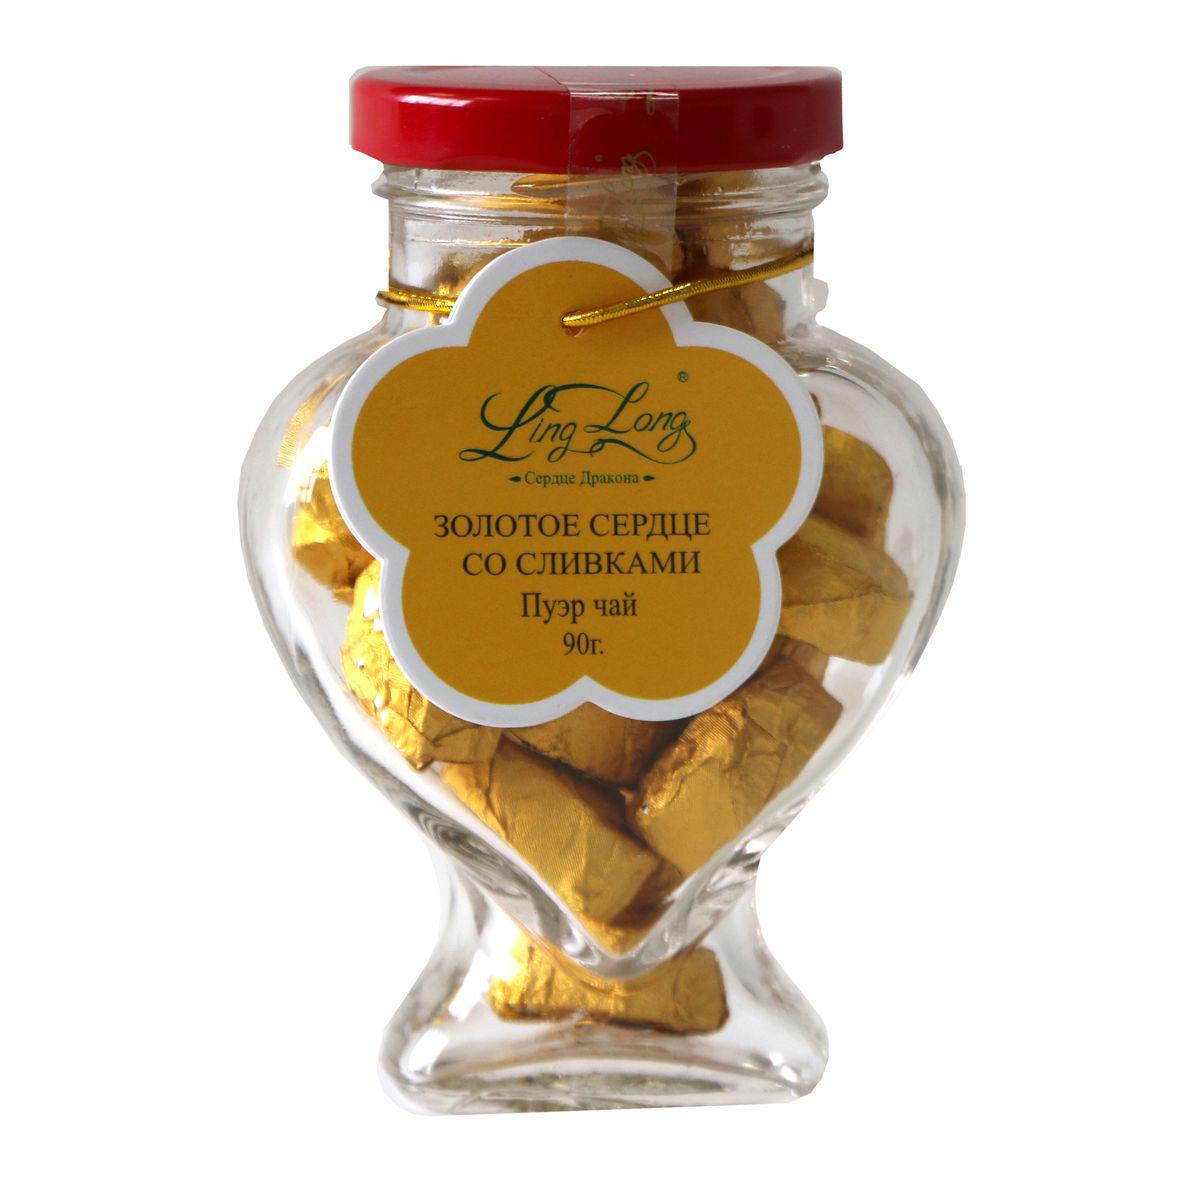 Ling Long Золотое сердце со сливками черный листовой чай пуэр, 90 г (стеклянная банка)LL508Чай черный Пуэр байховый китайский крупнолистовой Ling Long Золотое сердце с ароматом сливок. Спрессован в форме сердечек. Такой чай станет отличным подарком друзьям или близким.